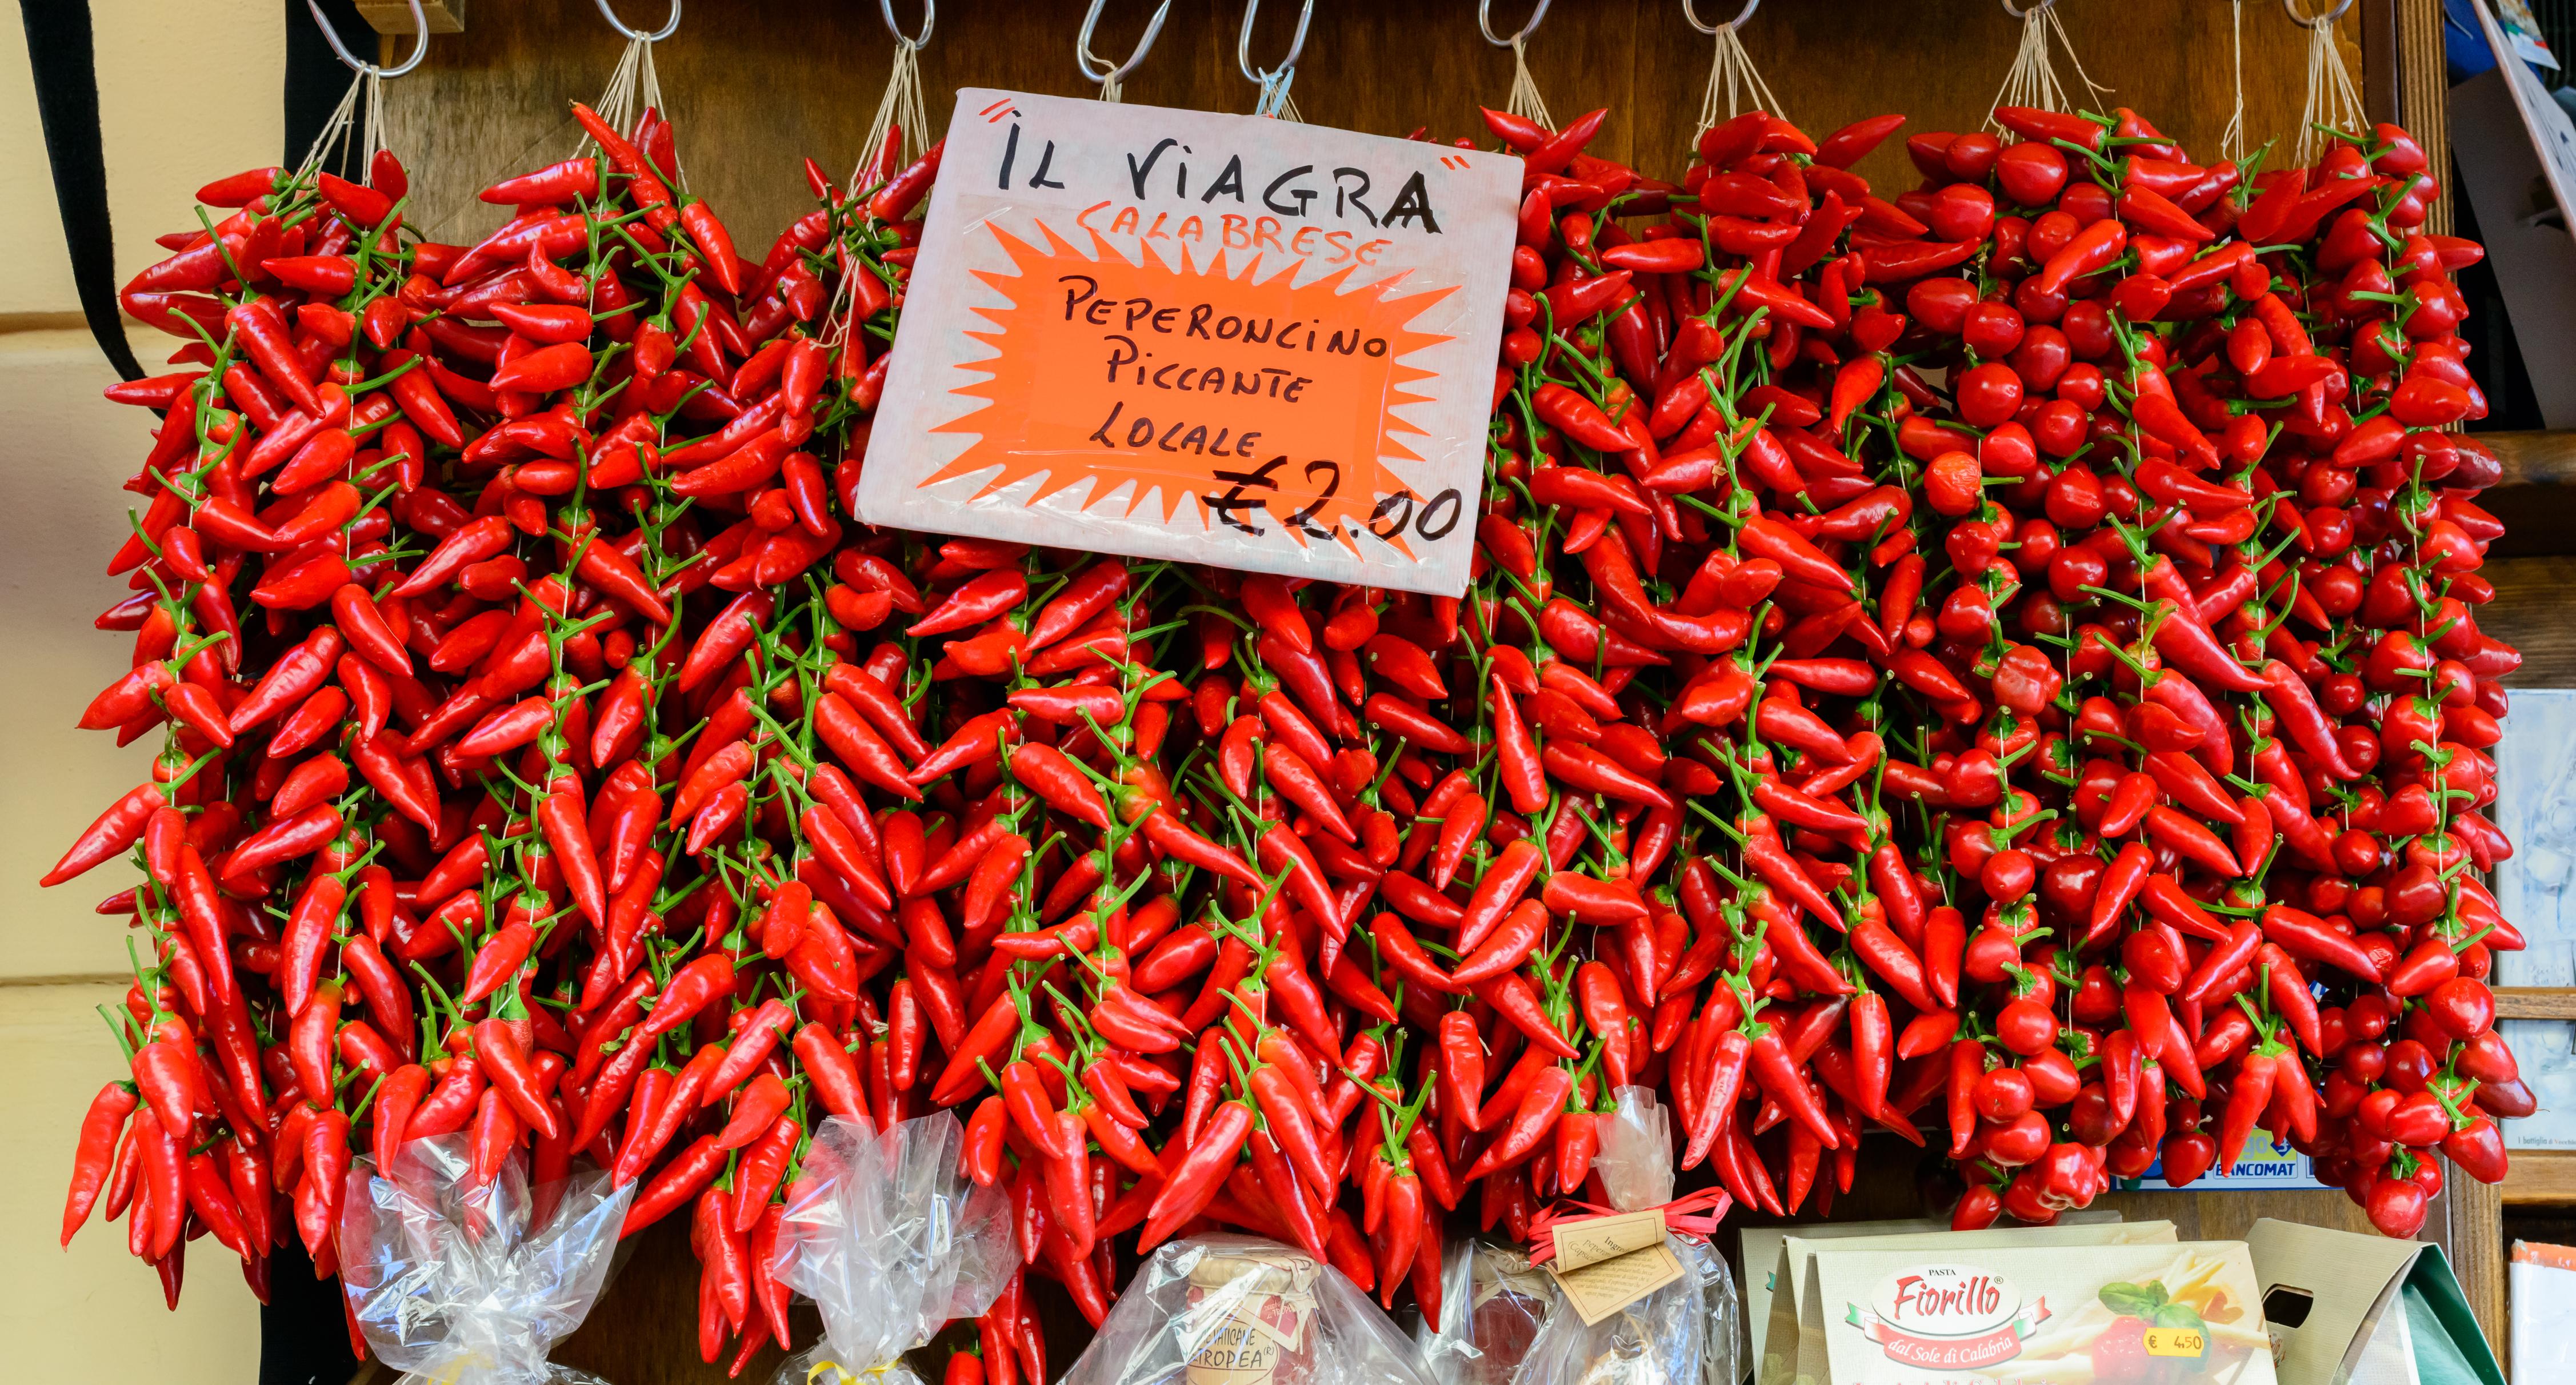 Italy viagra